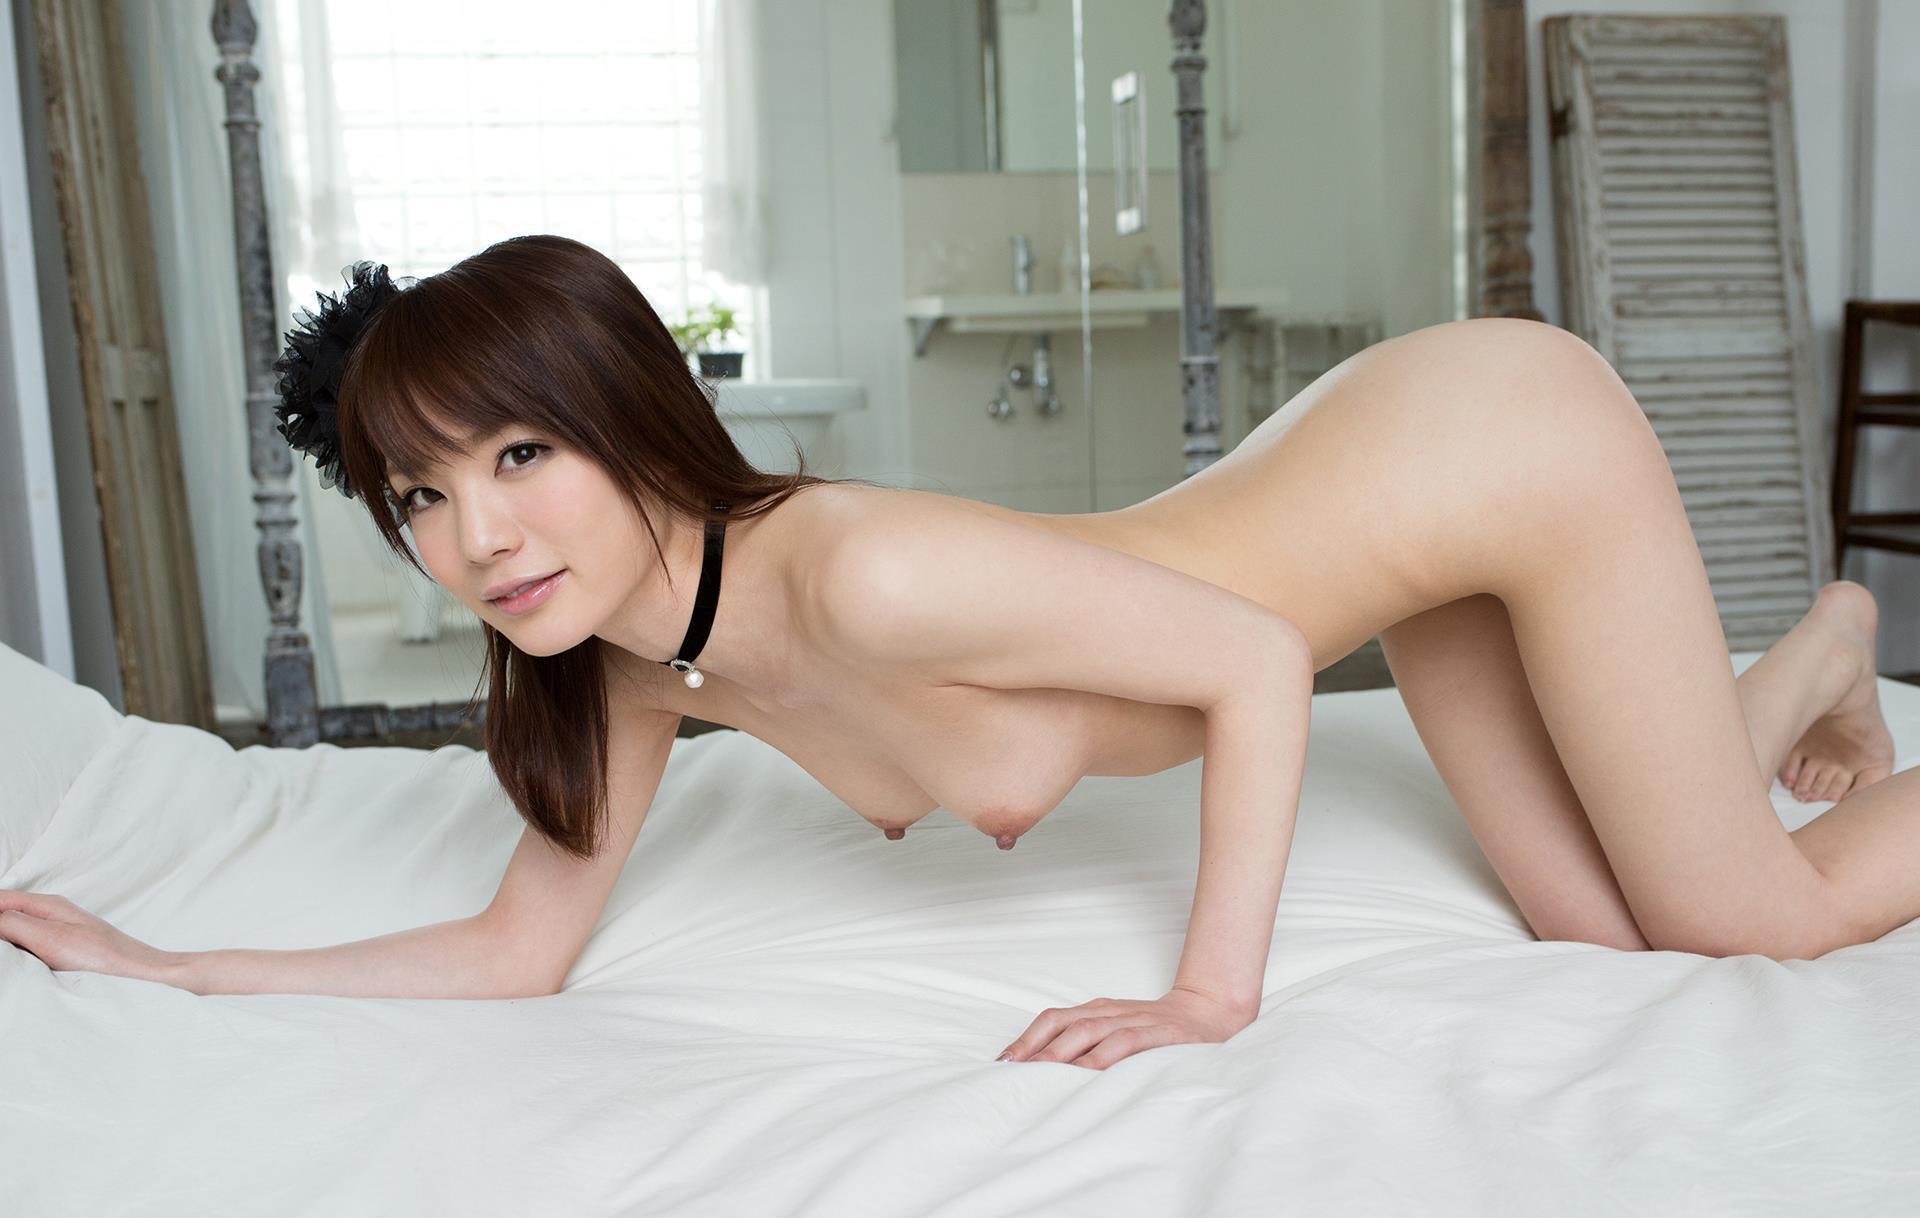 鈴村あいり 画像 77